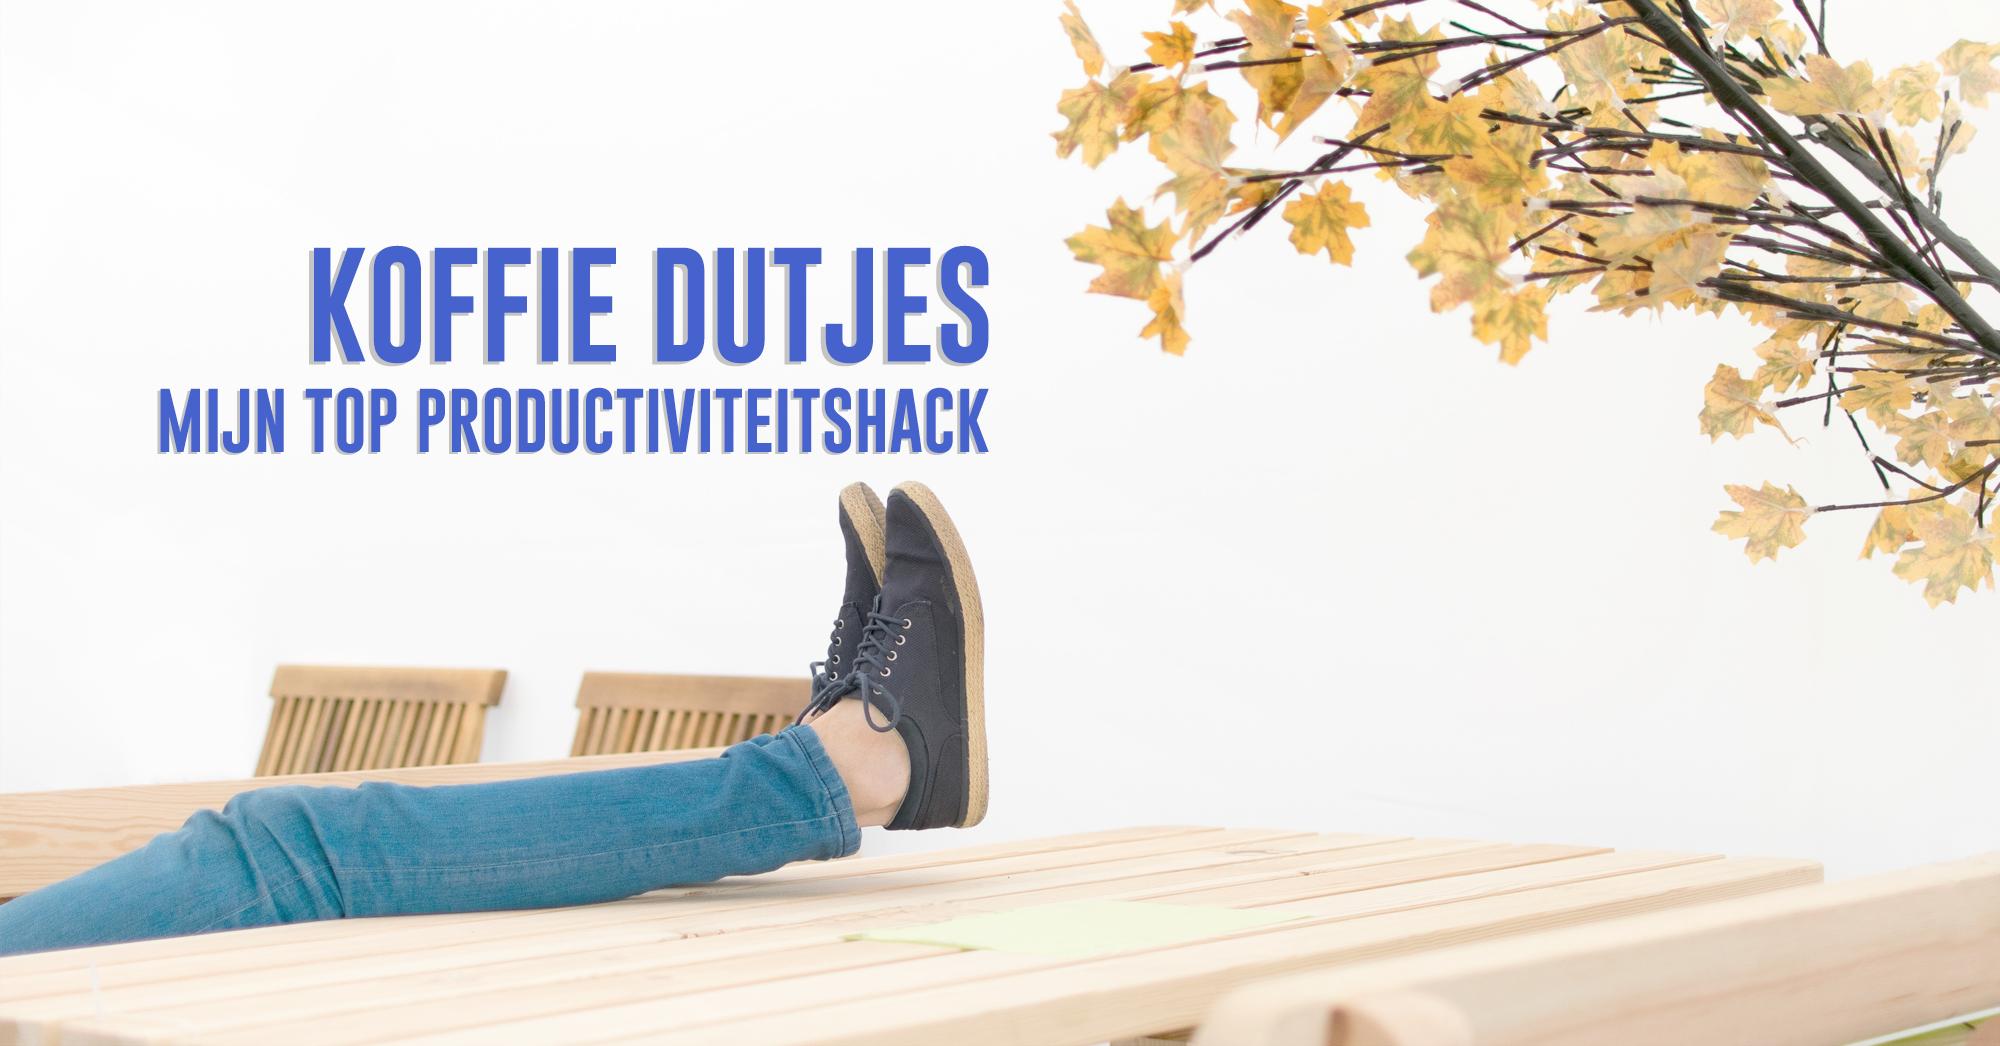 Koffie dutjes, Mijn top productiviteitshack | en hoe kunnen ze jou helpen?